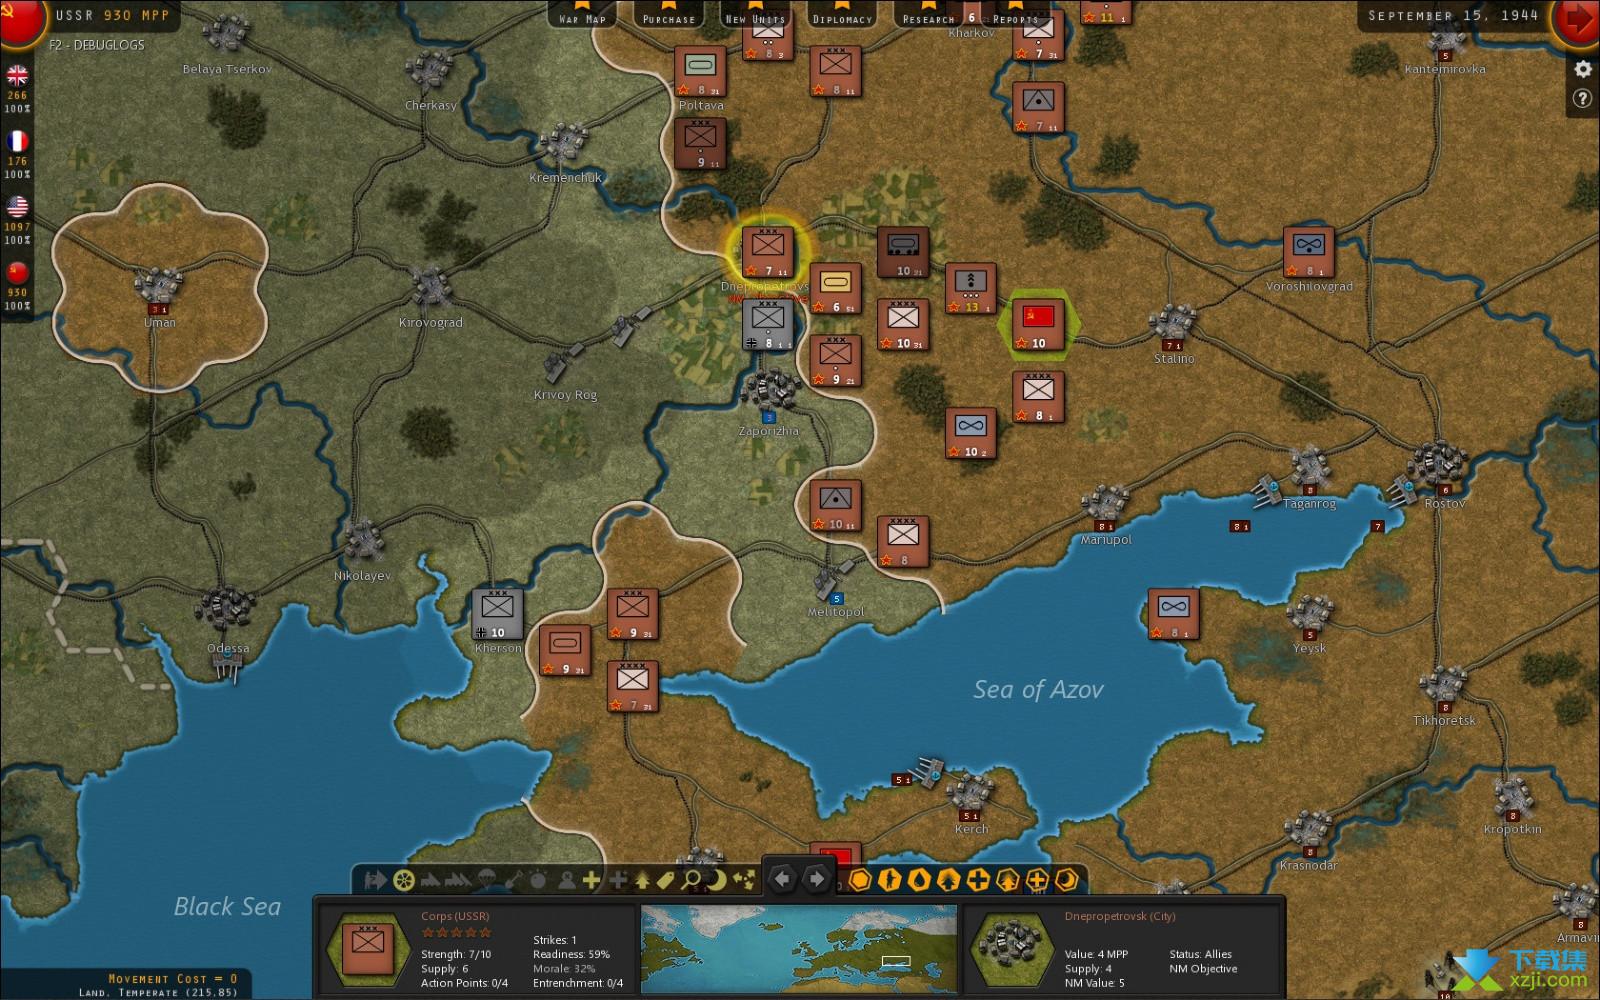 战略命令二战-欧洲战场界面4